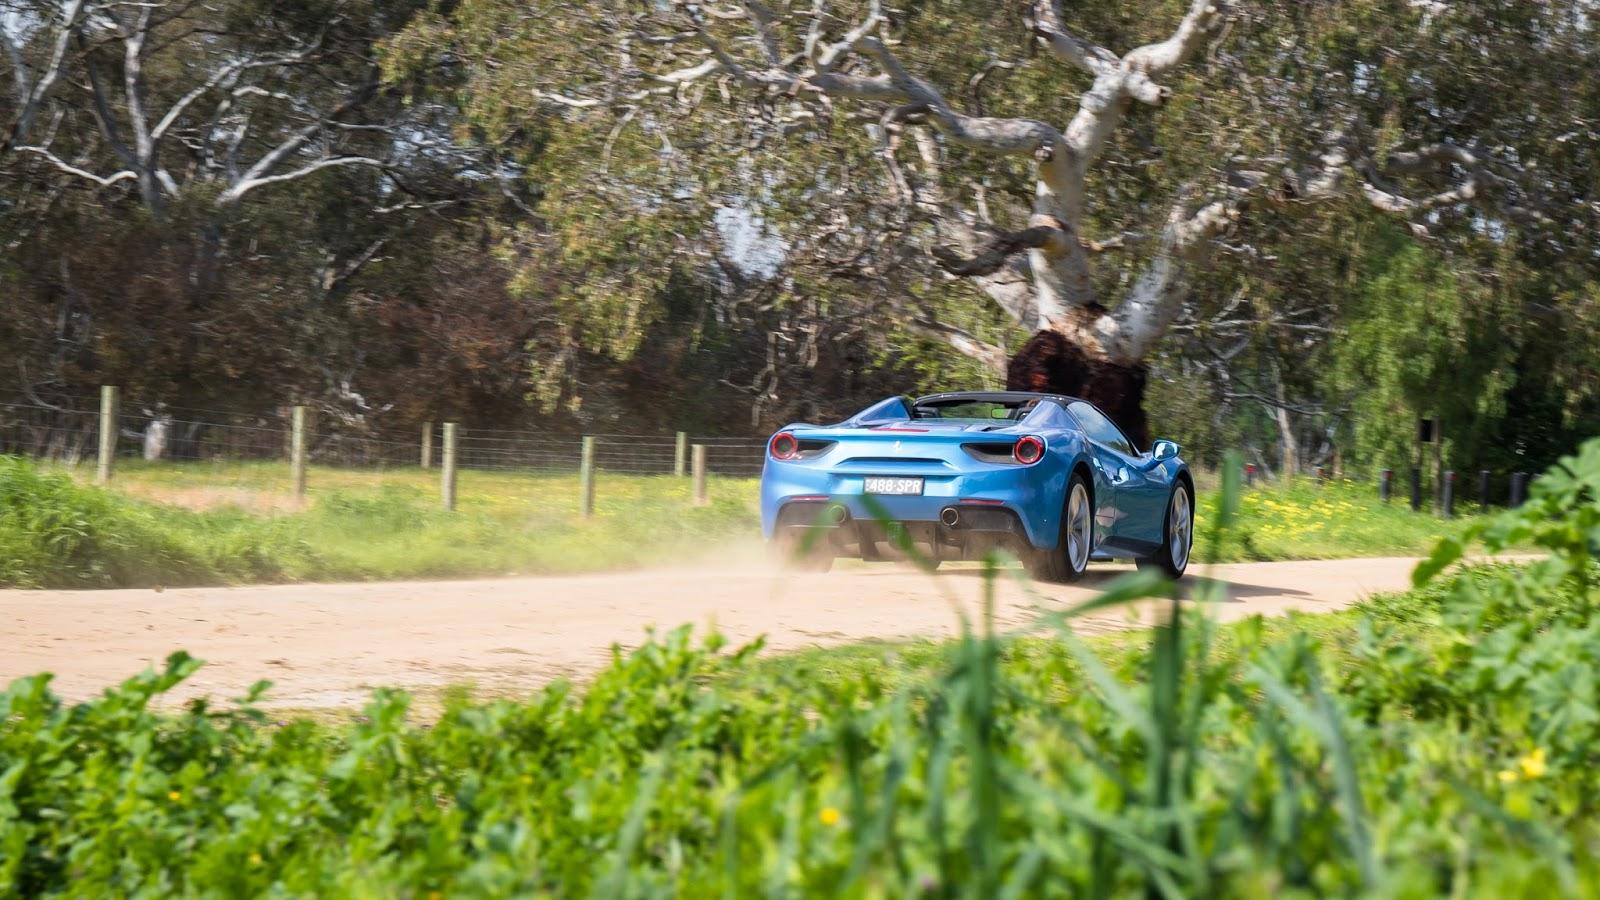 Khả năng vận hành trên đường của Ferrari 488 Spider quá tuyệt